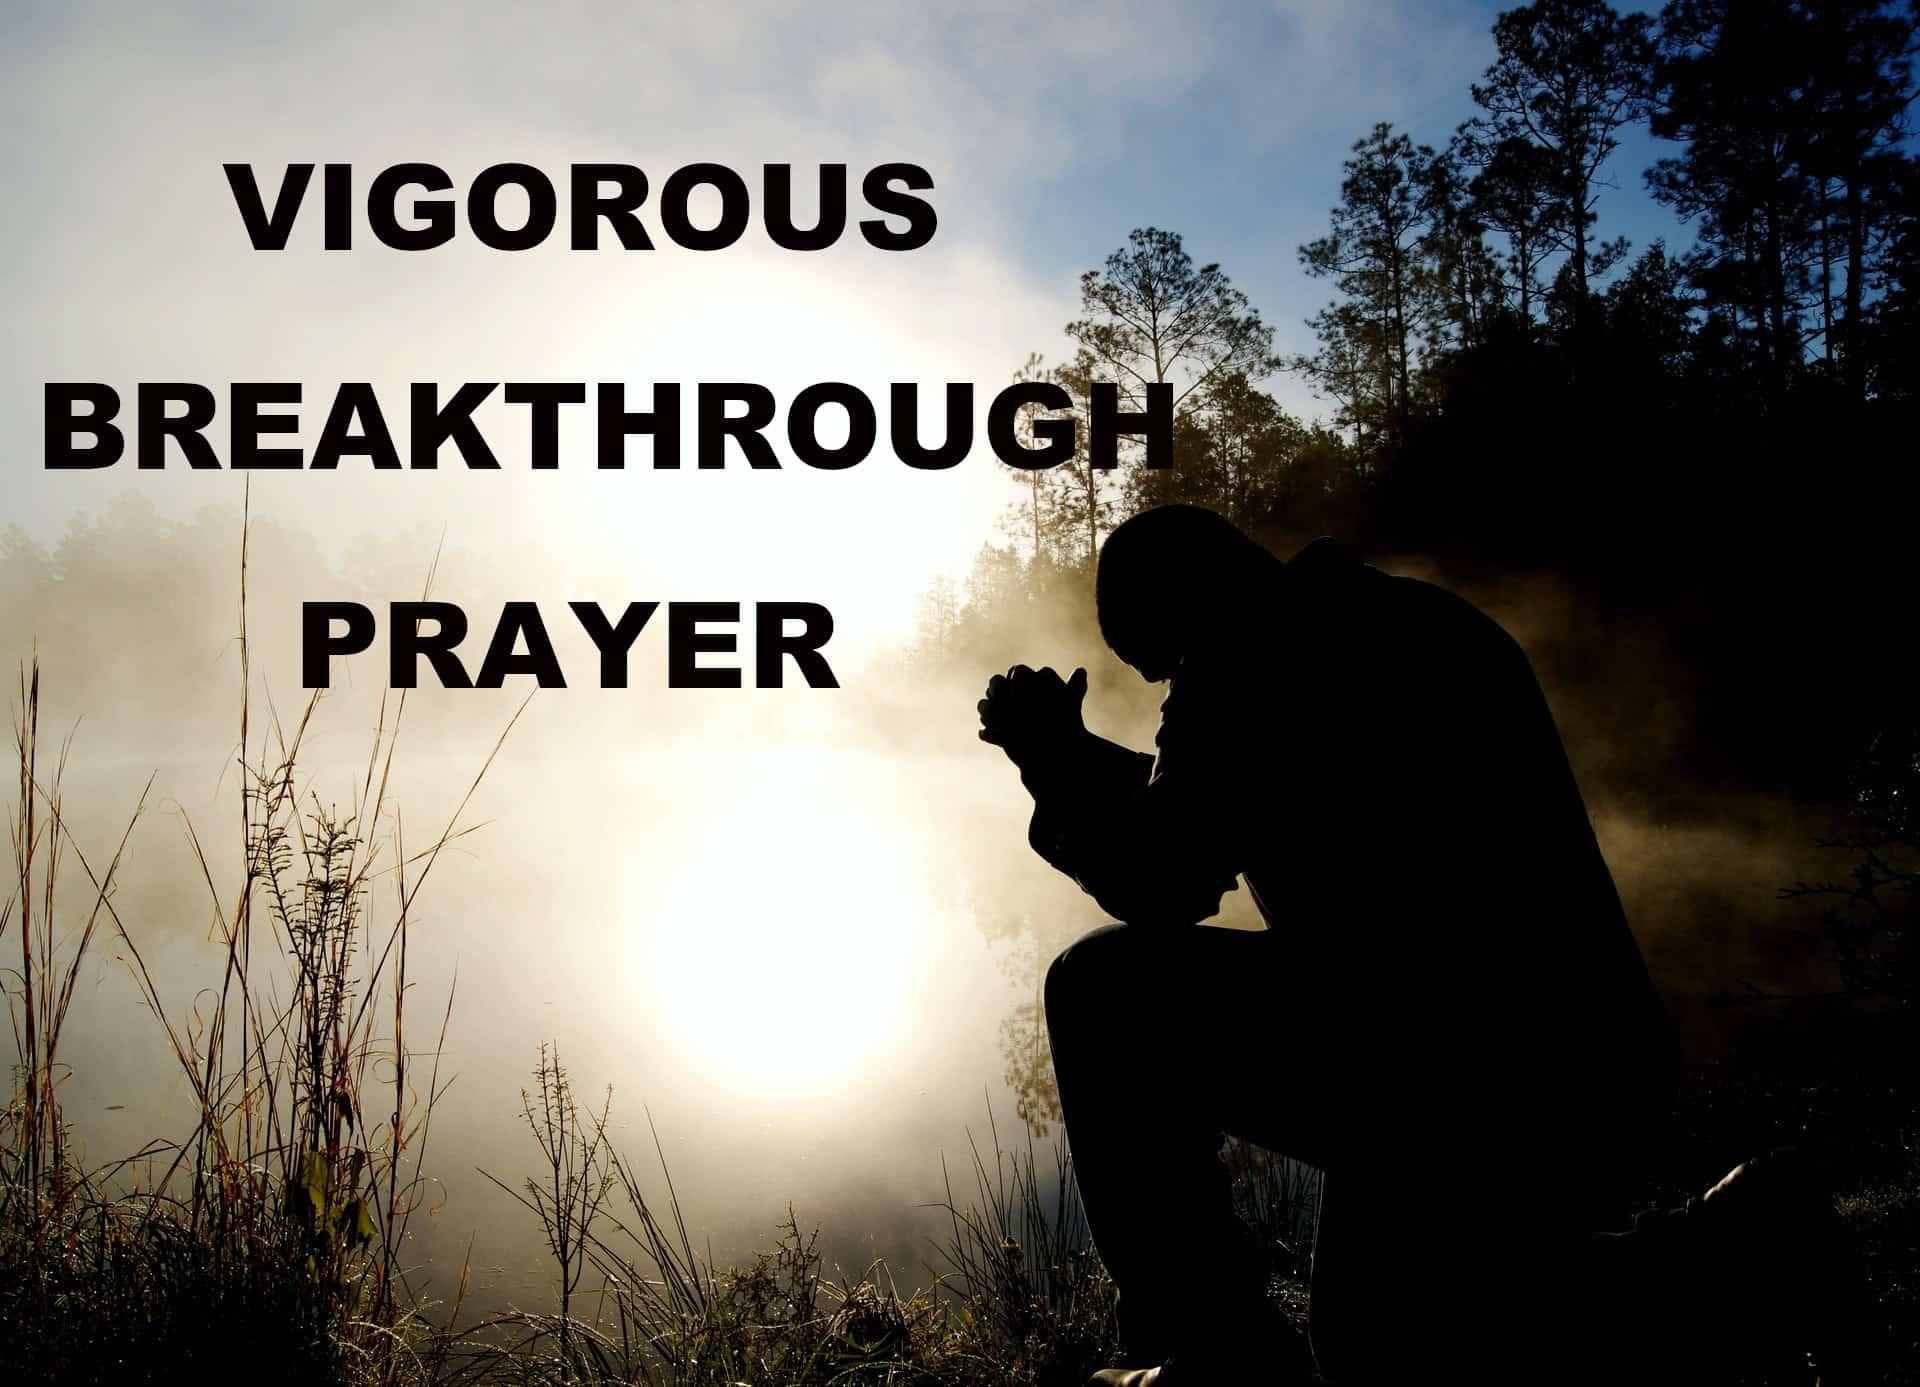 Vigorous Breakthrough